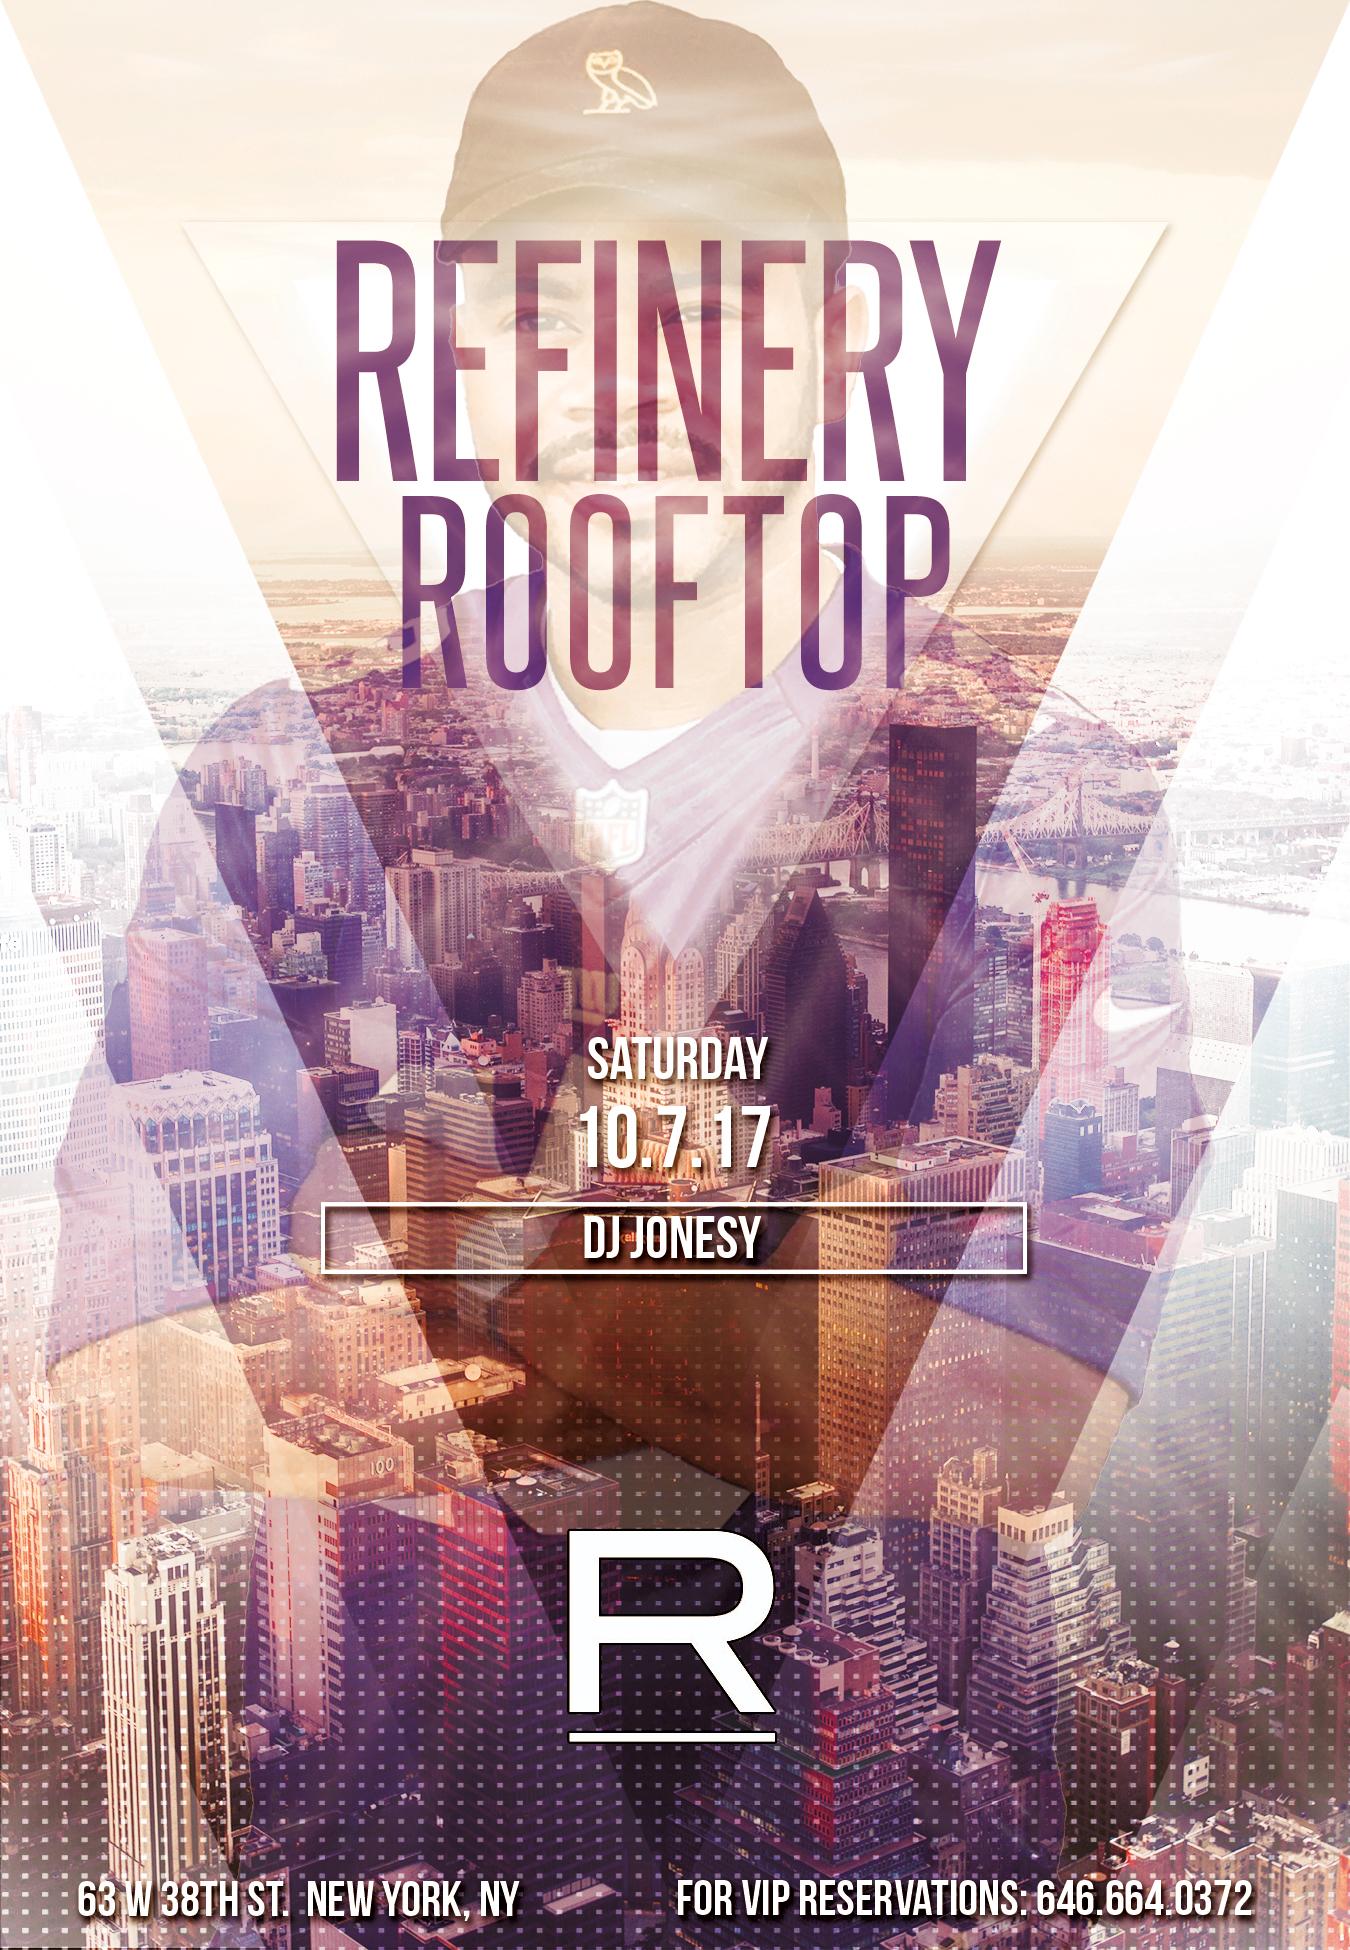 City_Dreams-refineryrooftop-10-7-17.jpg